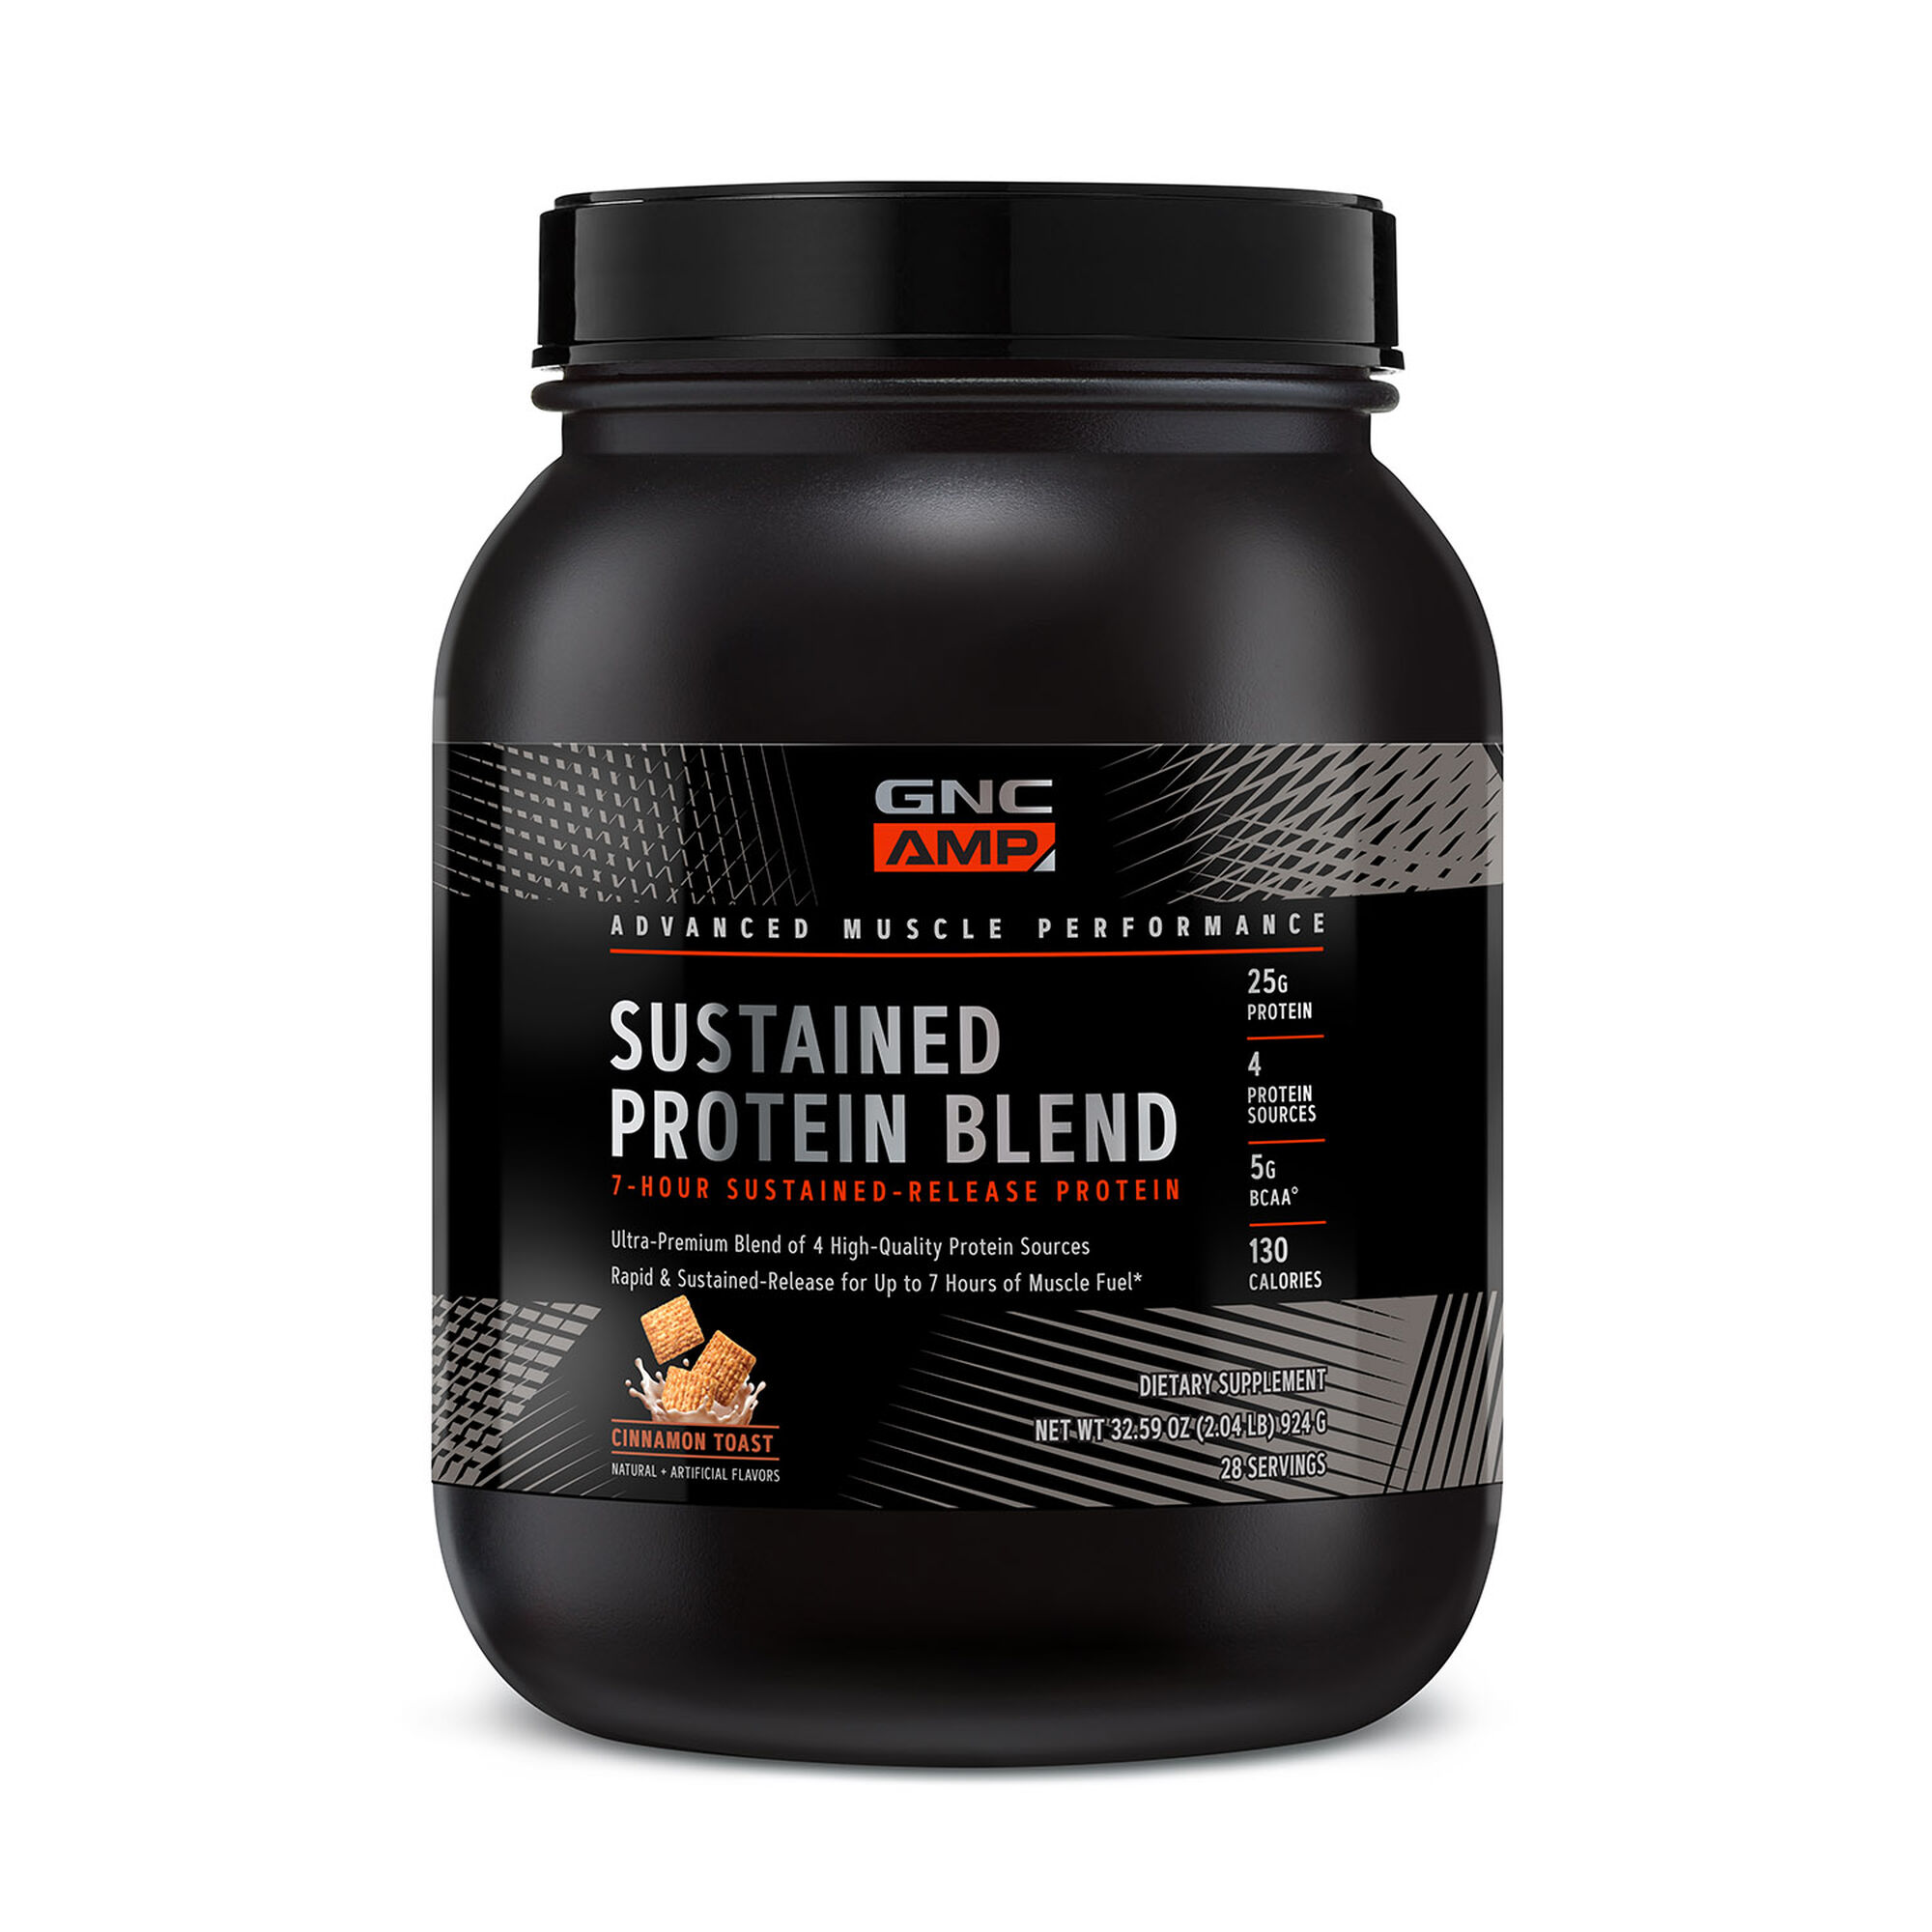 Supliment Alimentar GNC Formula Pentru Accelerarea Metabolismului si Arderea Grasim